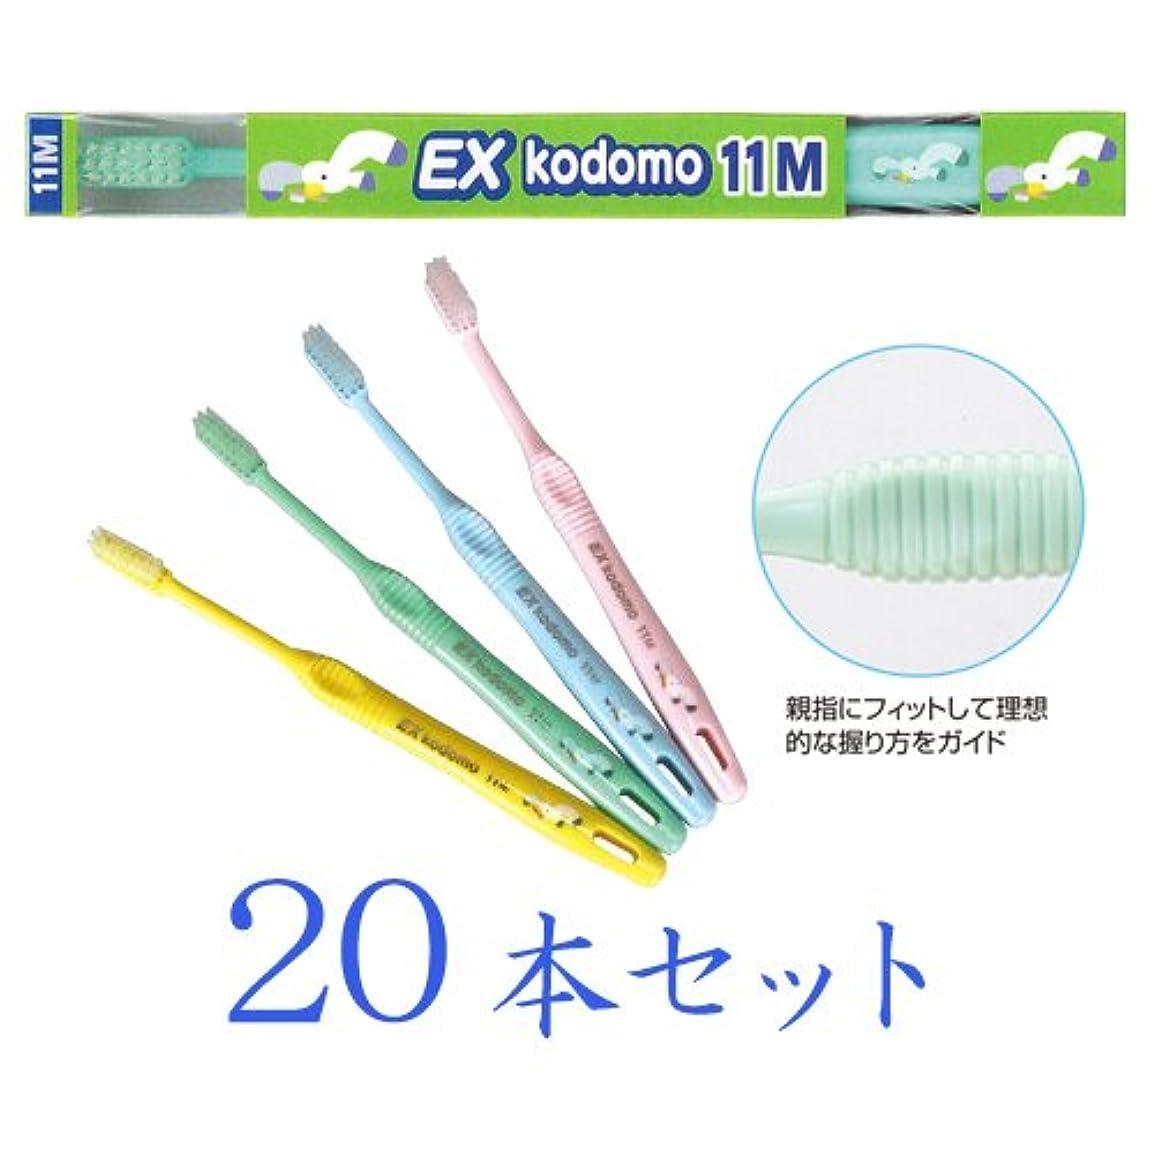 権威ゴミ箱港ライオン DENT.EX コドモ歯ブラシ 20本入 11M(混合歯列後期用?8~12歳)(カモメ)